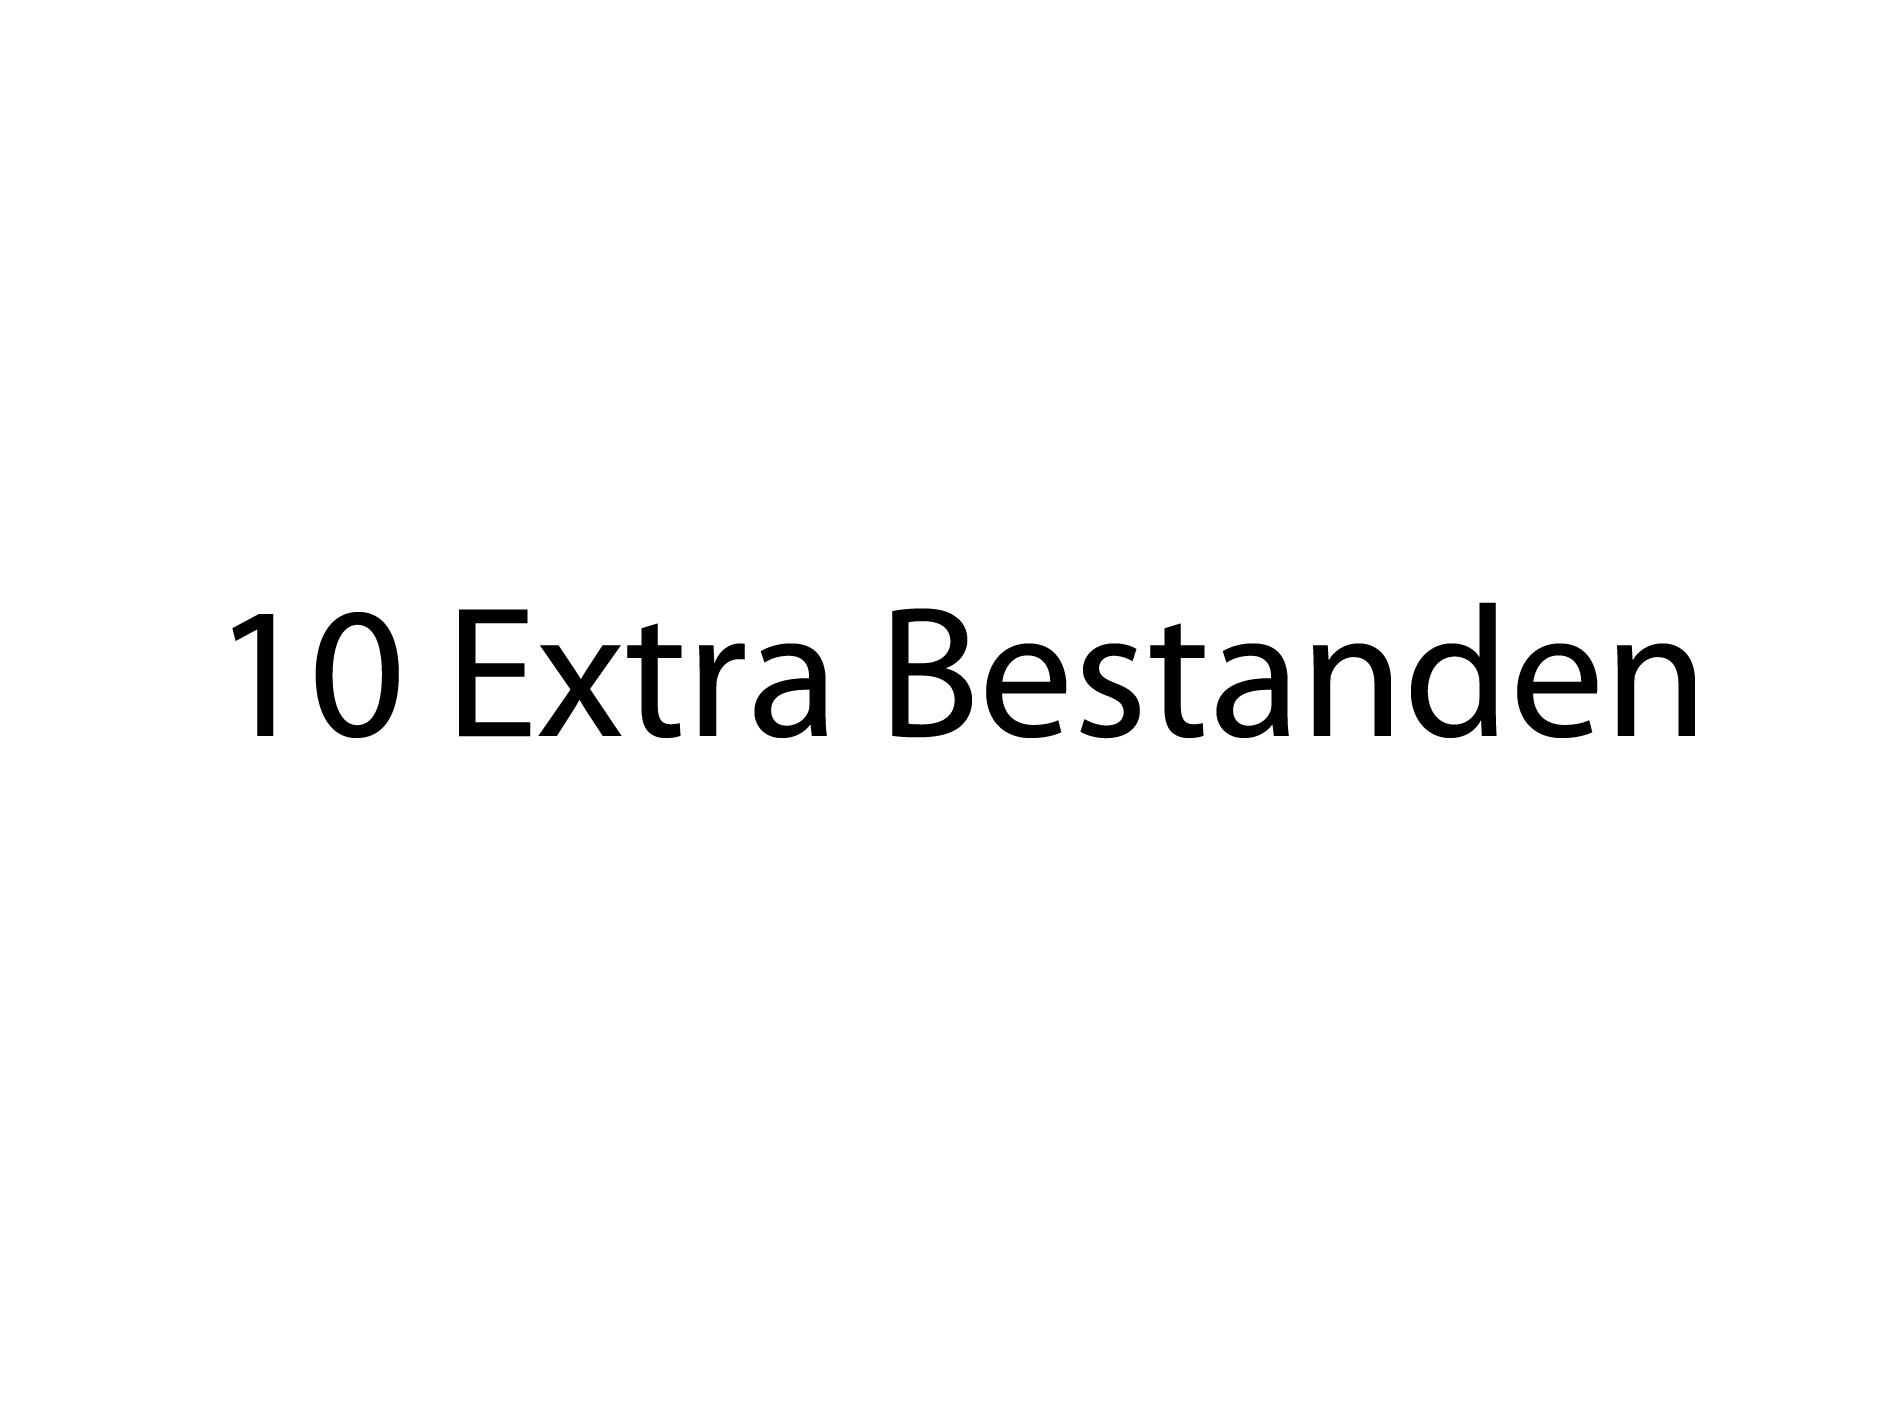 10 Extra Bestanden